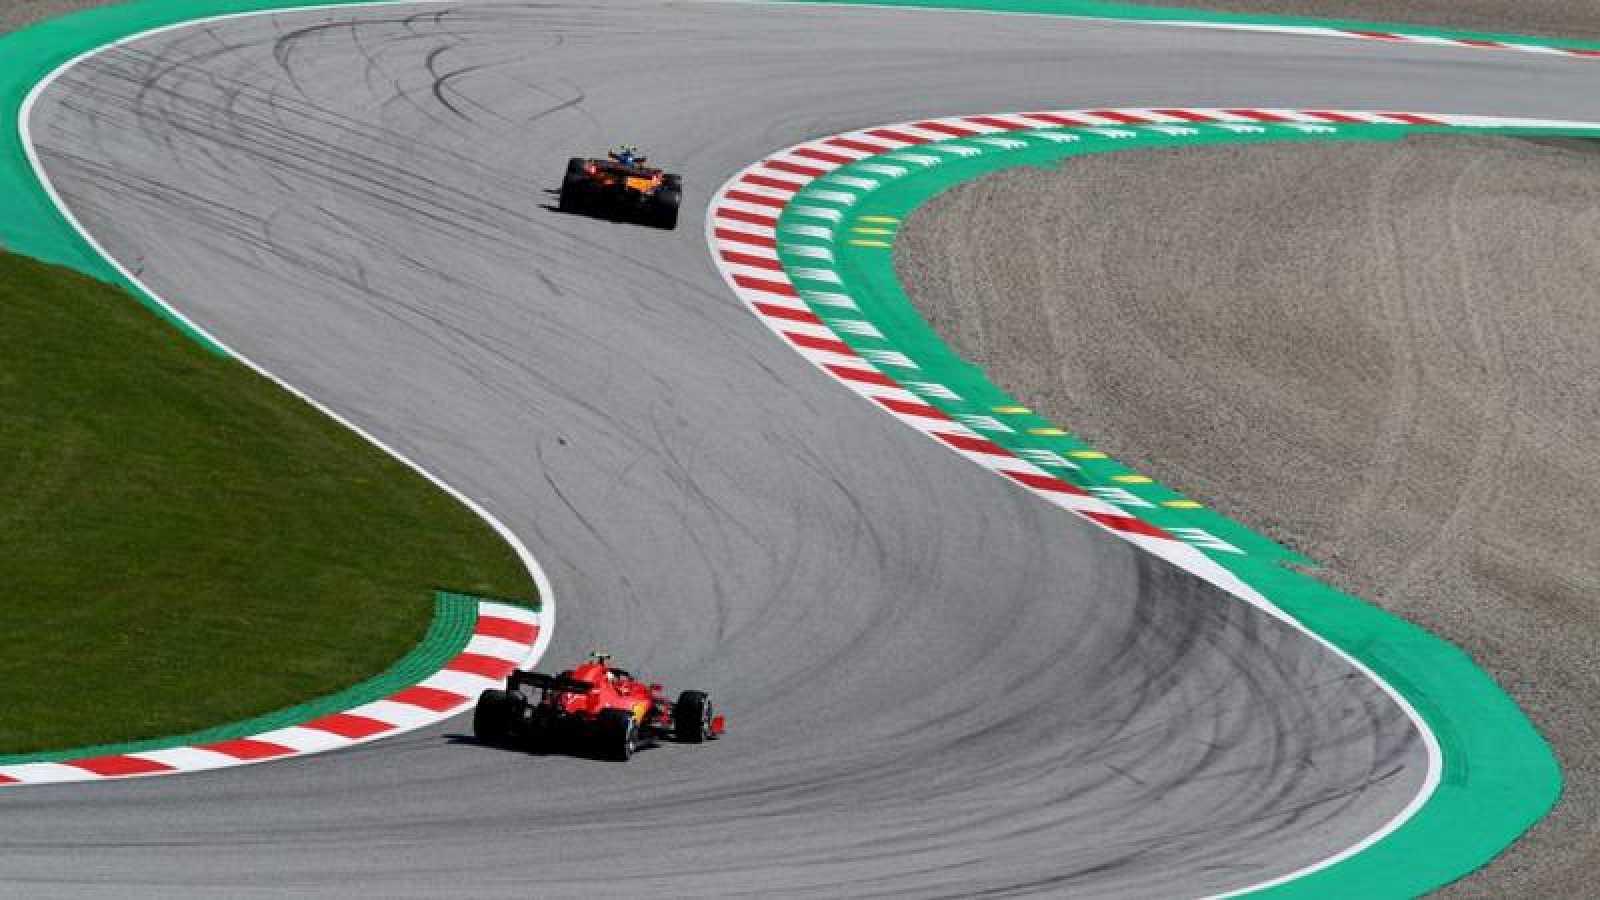 Imagen del GP de Estiria de F1 en el circuito de Spielberg (Austria).